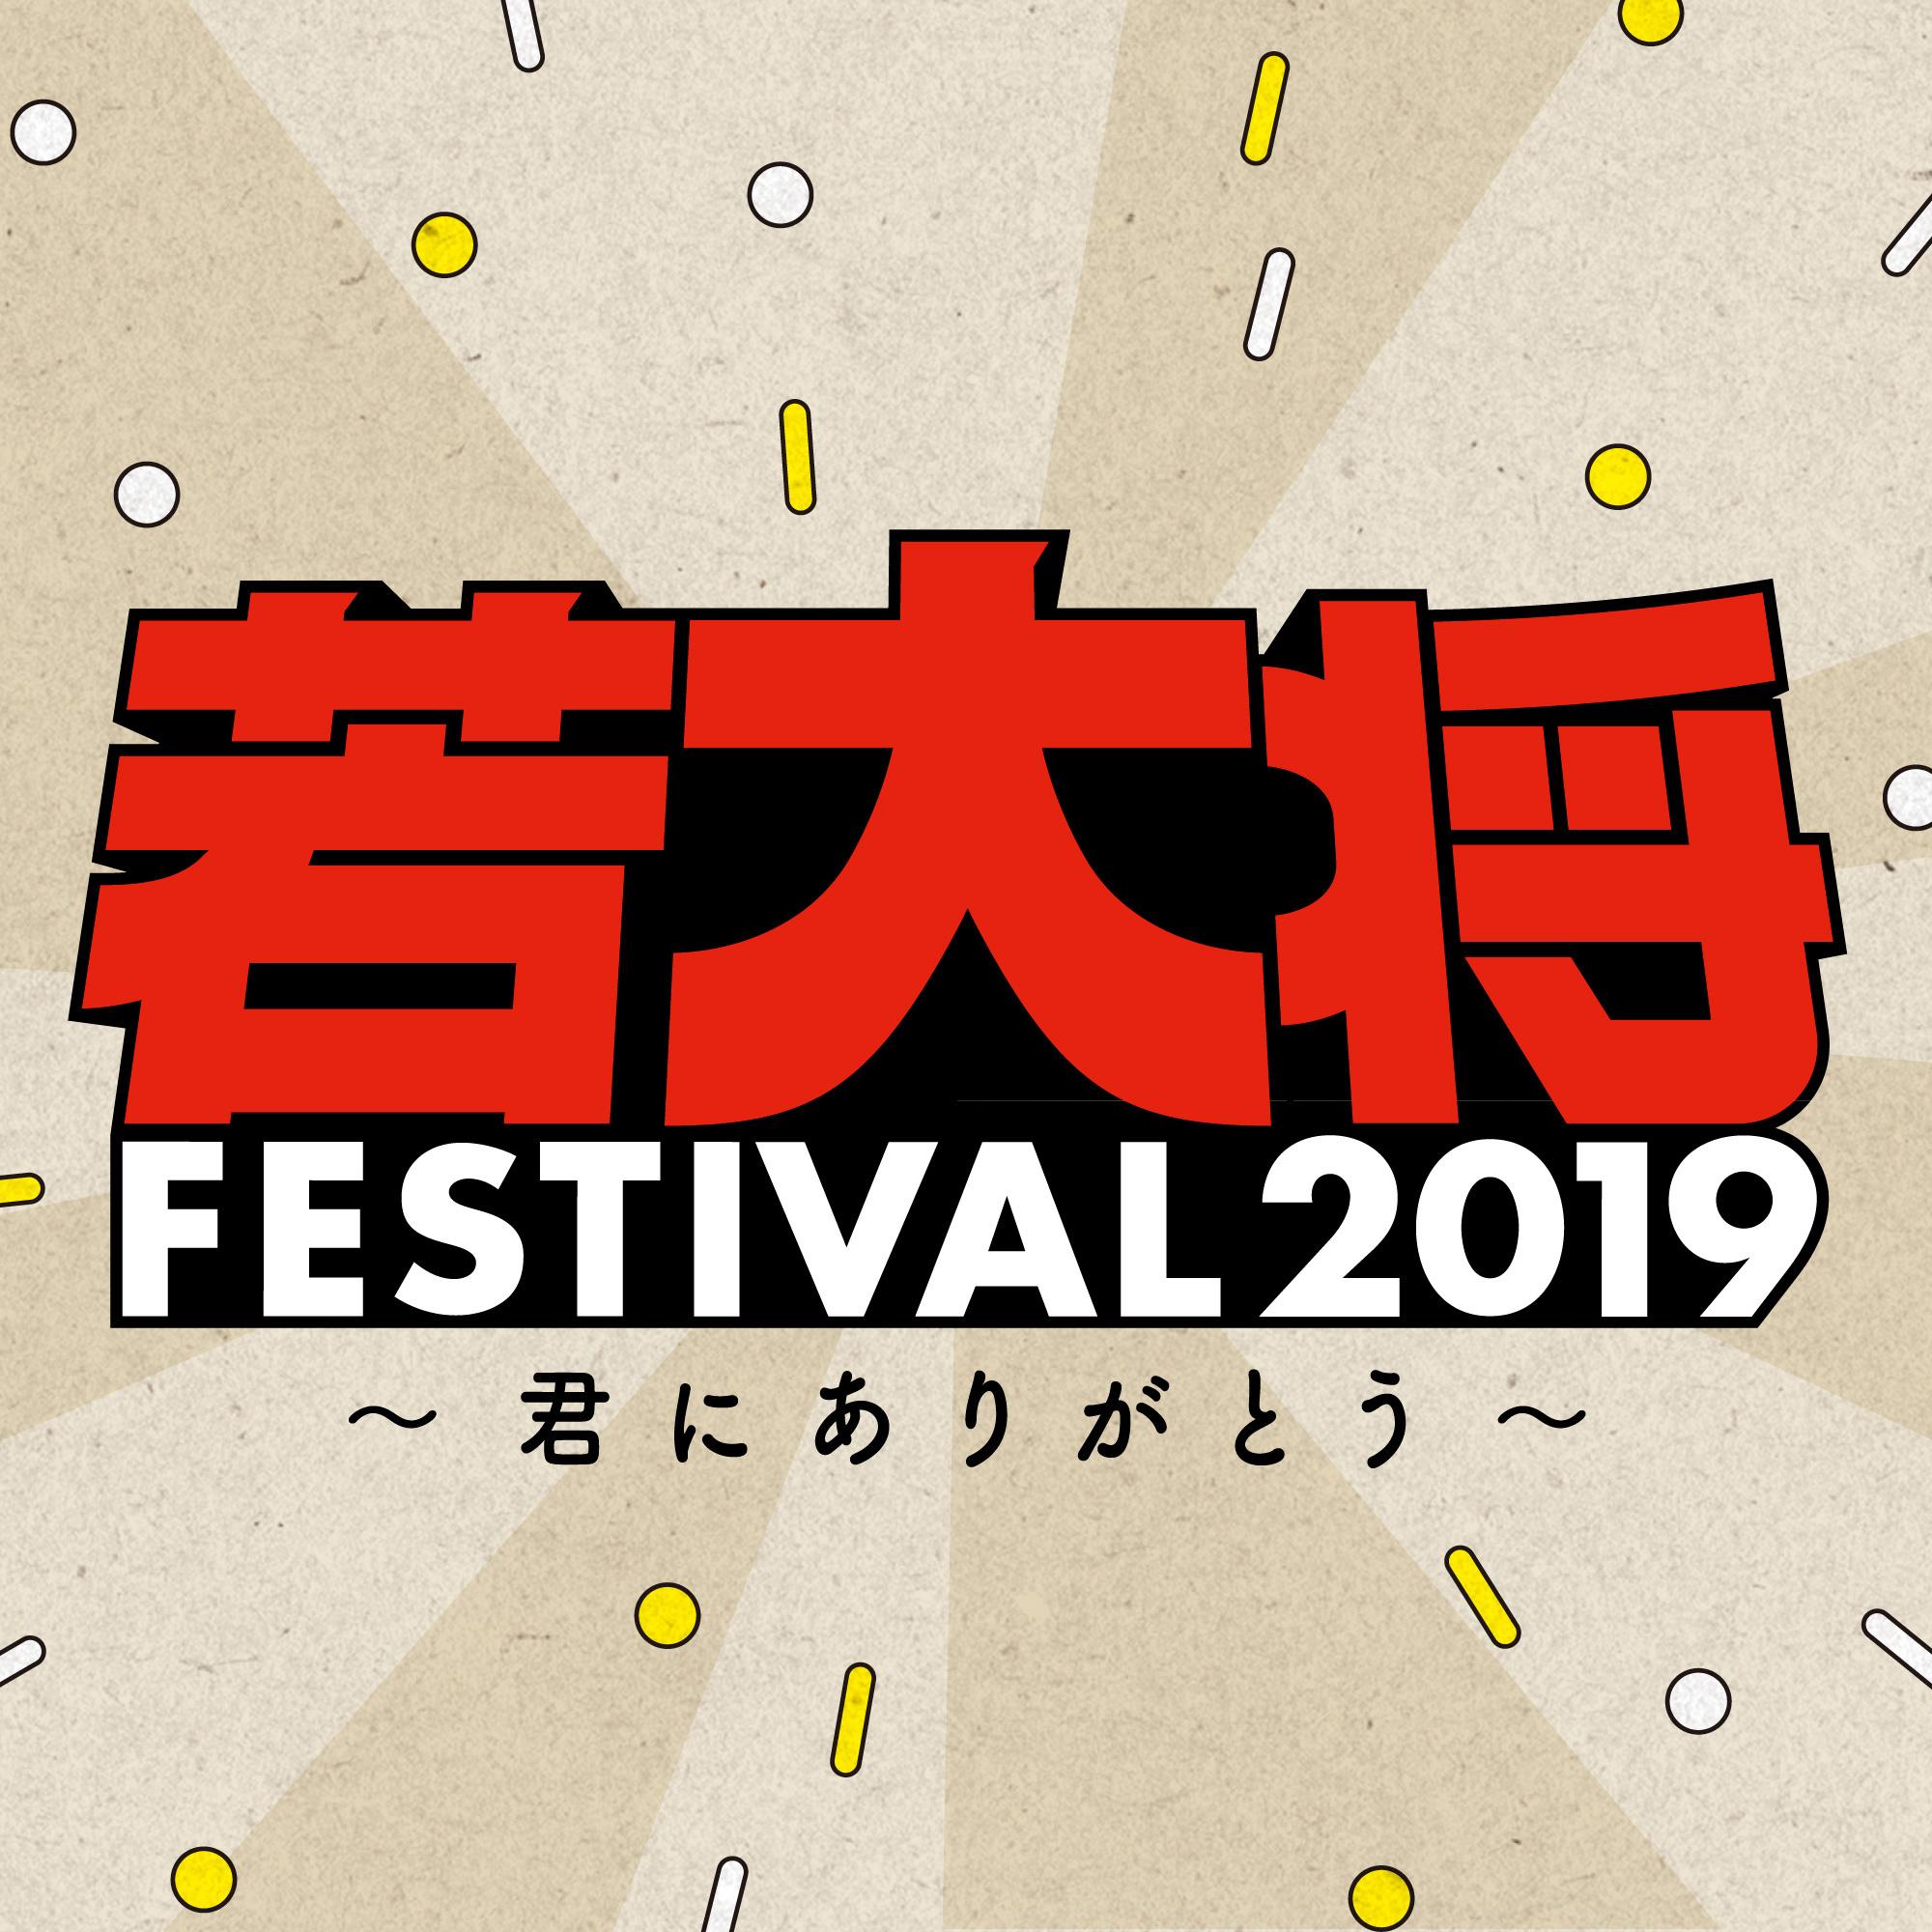 若大将FESTIVAL2019